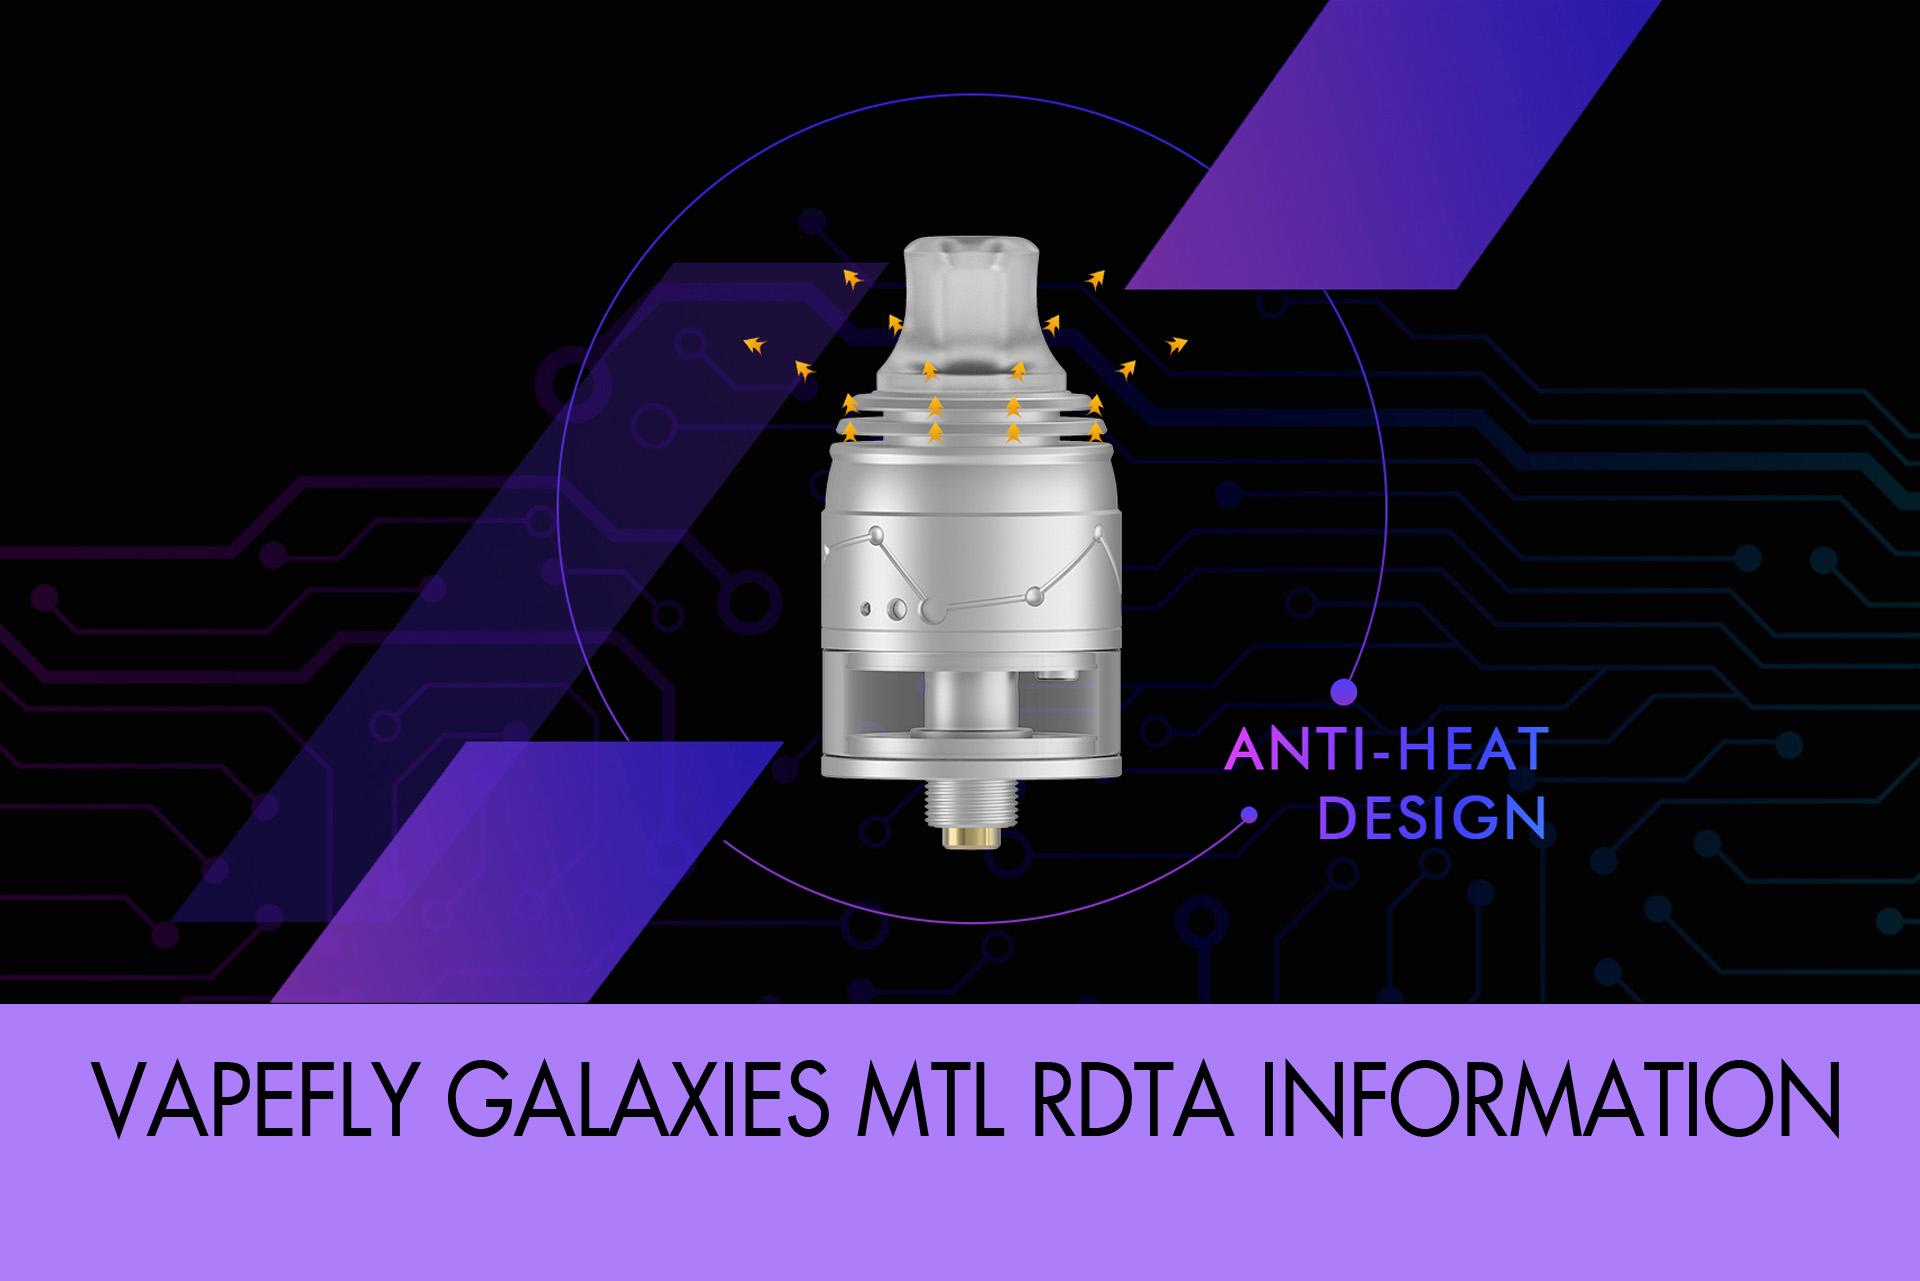 VAPEFLY GLAXIES MTL RDTAメーカー情報まとめ